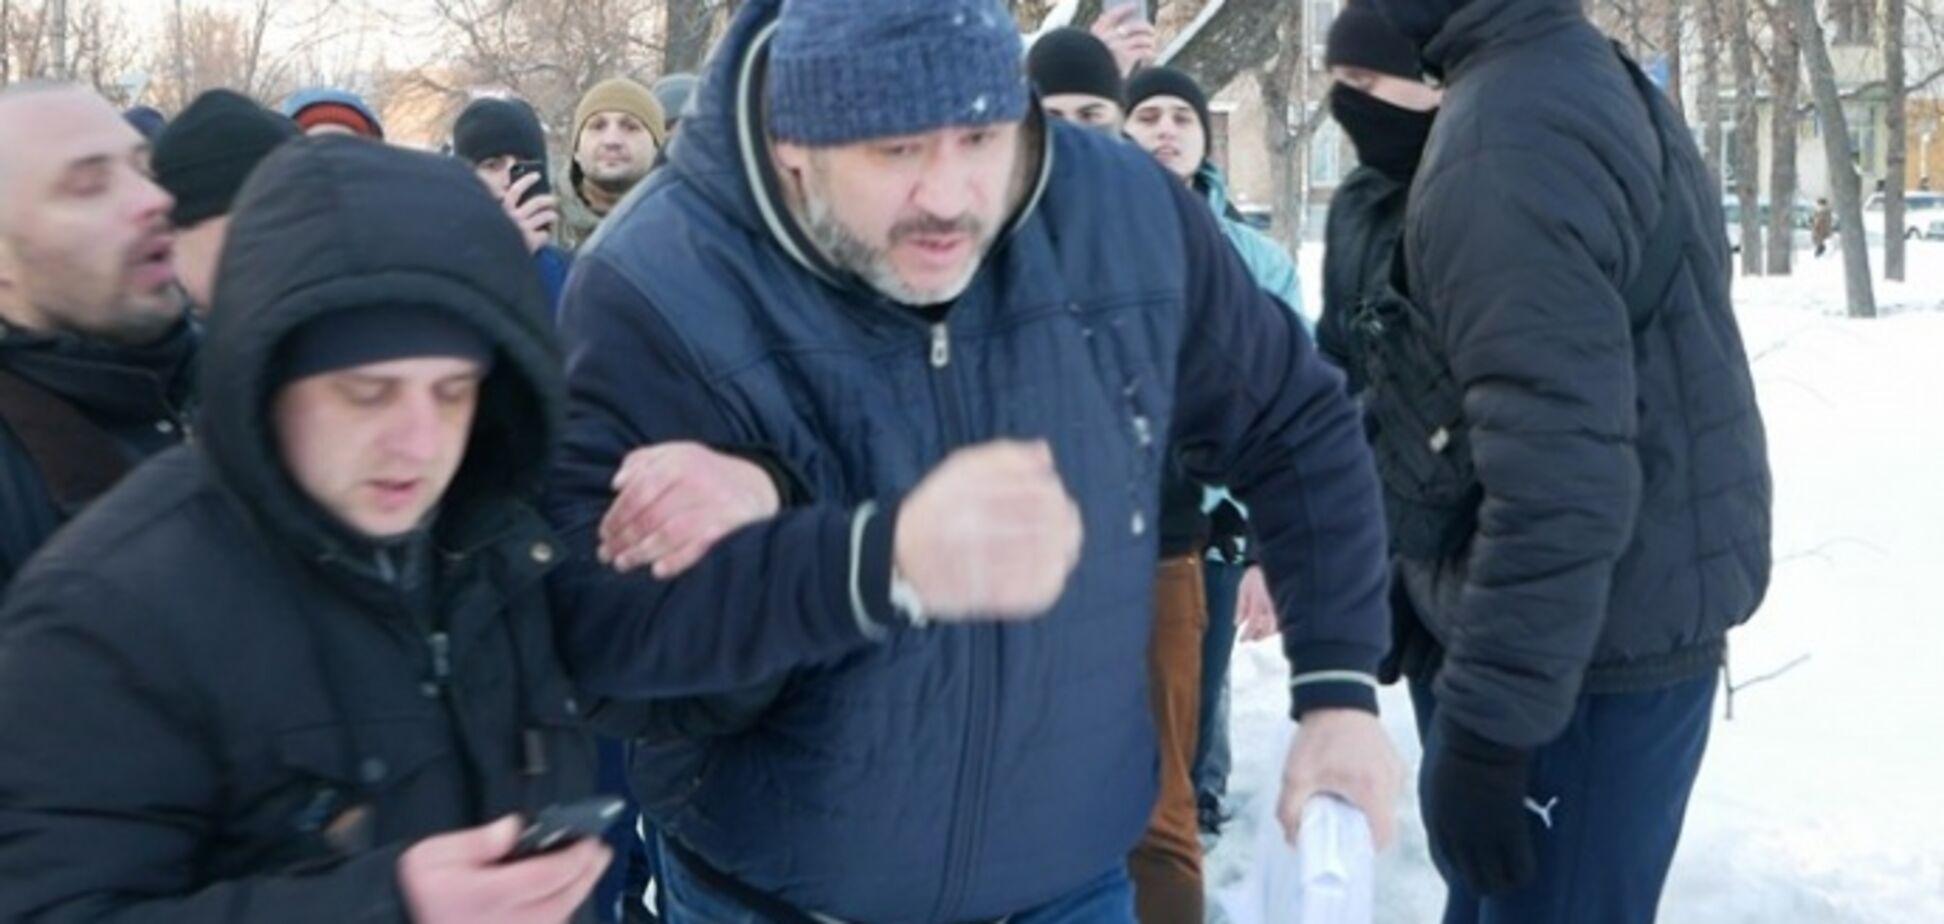 Вбивство Веремія: розлючені активісти влаштували Крисіну 'коридор ганьби'